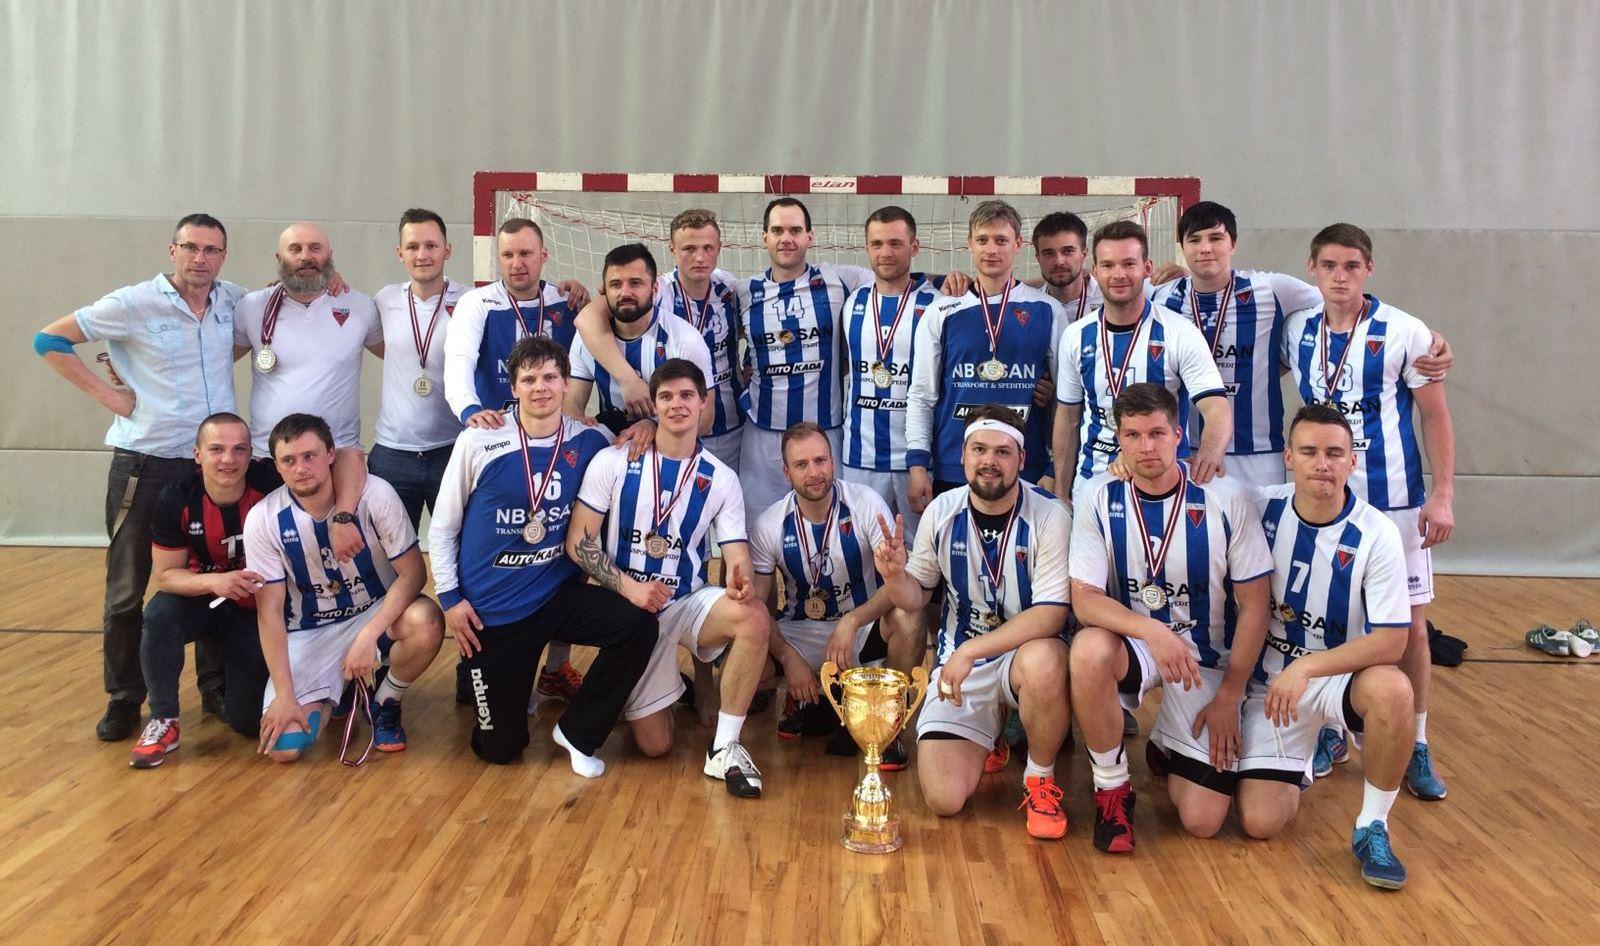 Celtnieks Rīga - 2016. gada Latvijas Vicečempioni handbolā